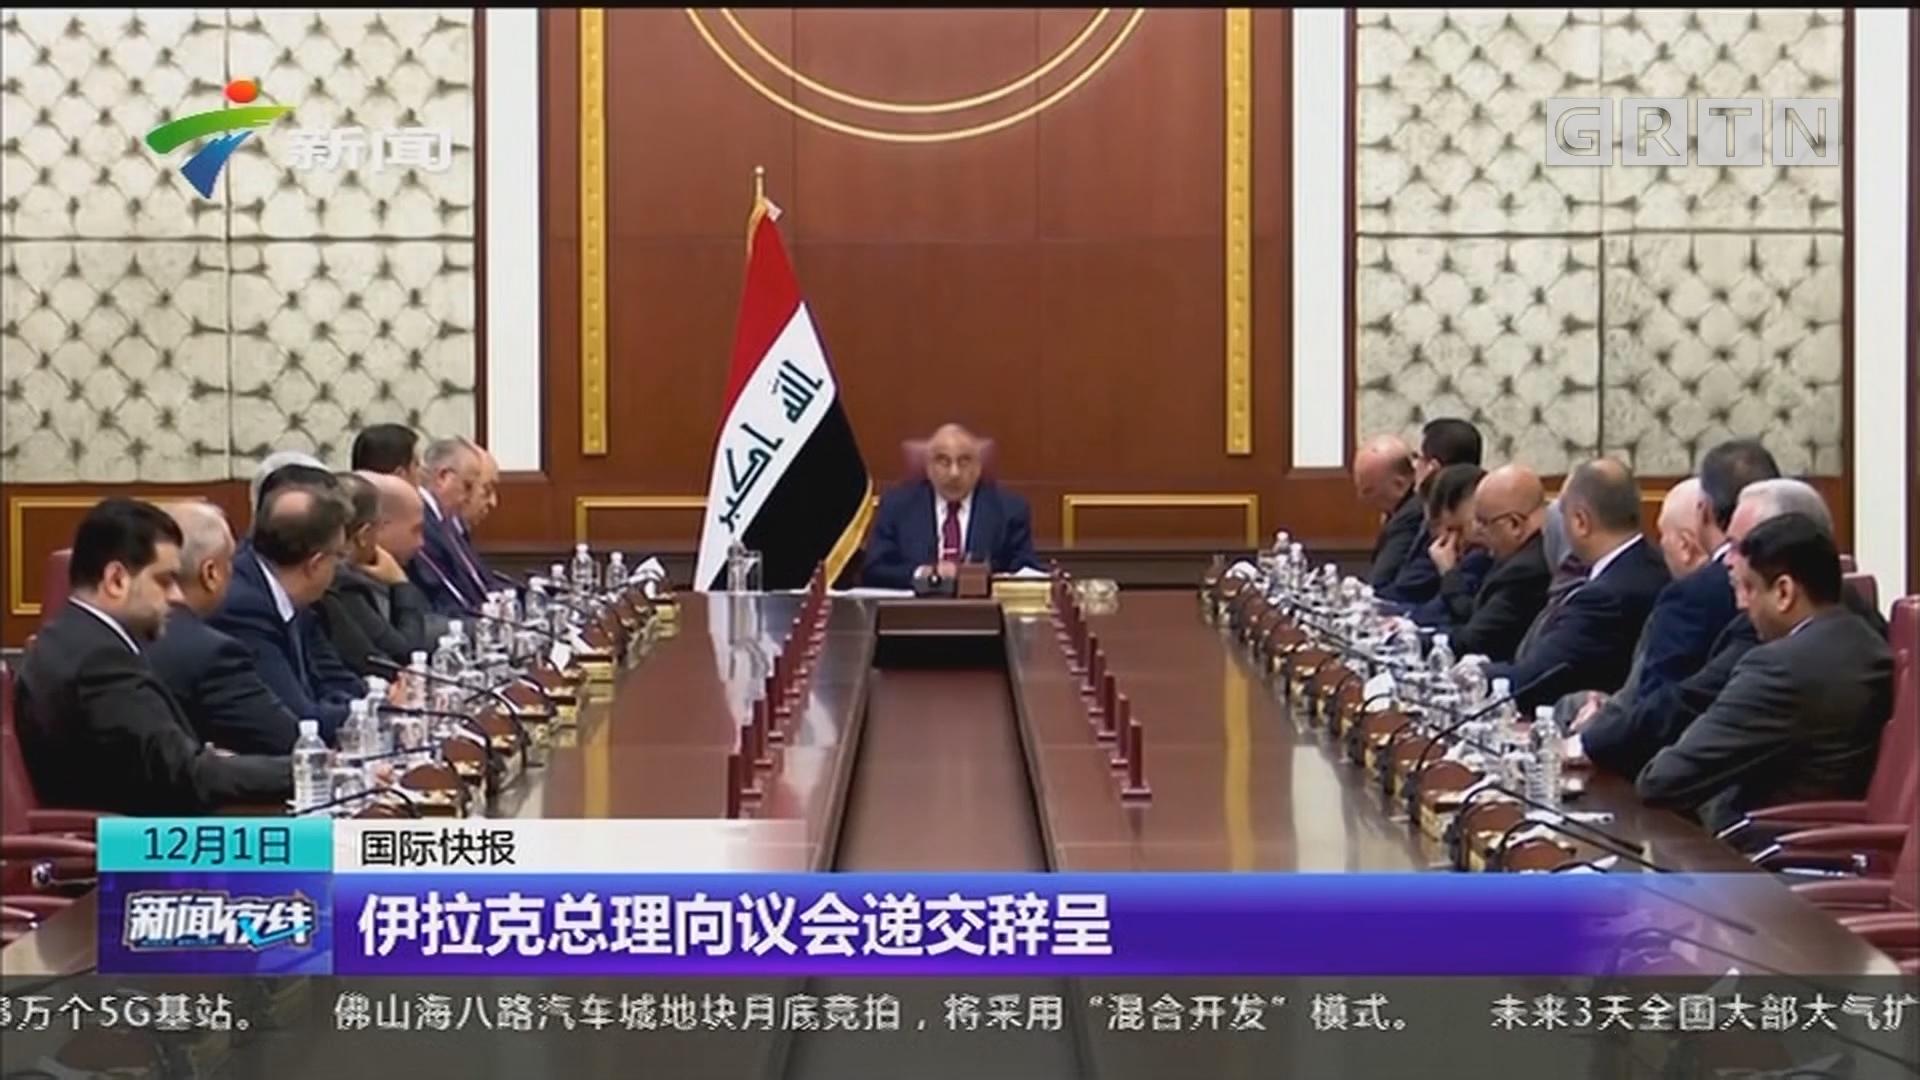 伊拉克总理向议会递交辞呈